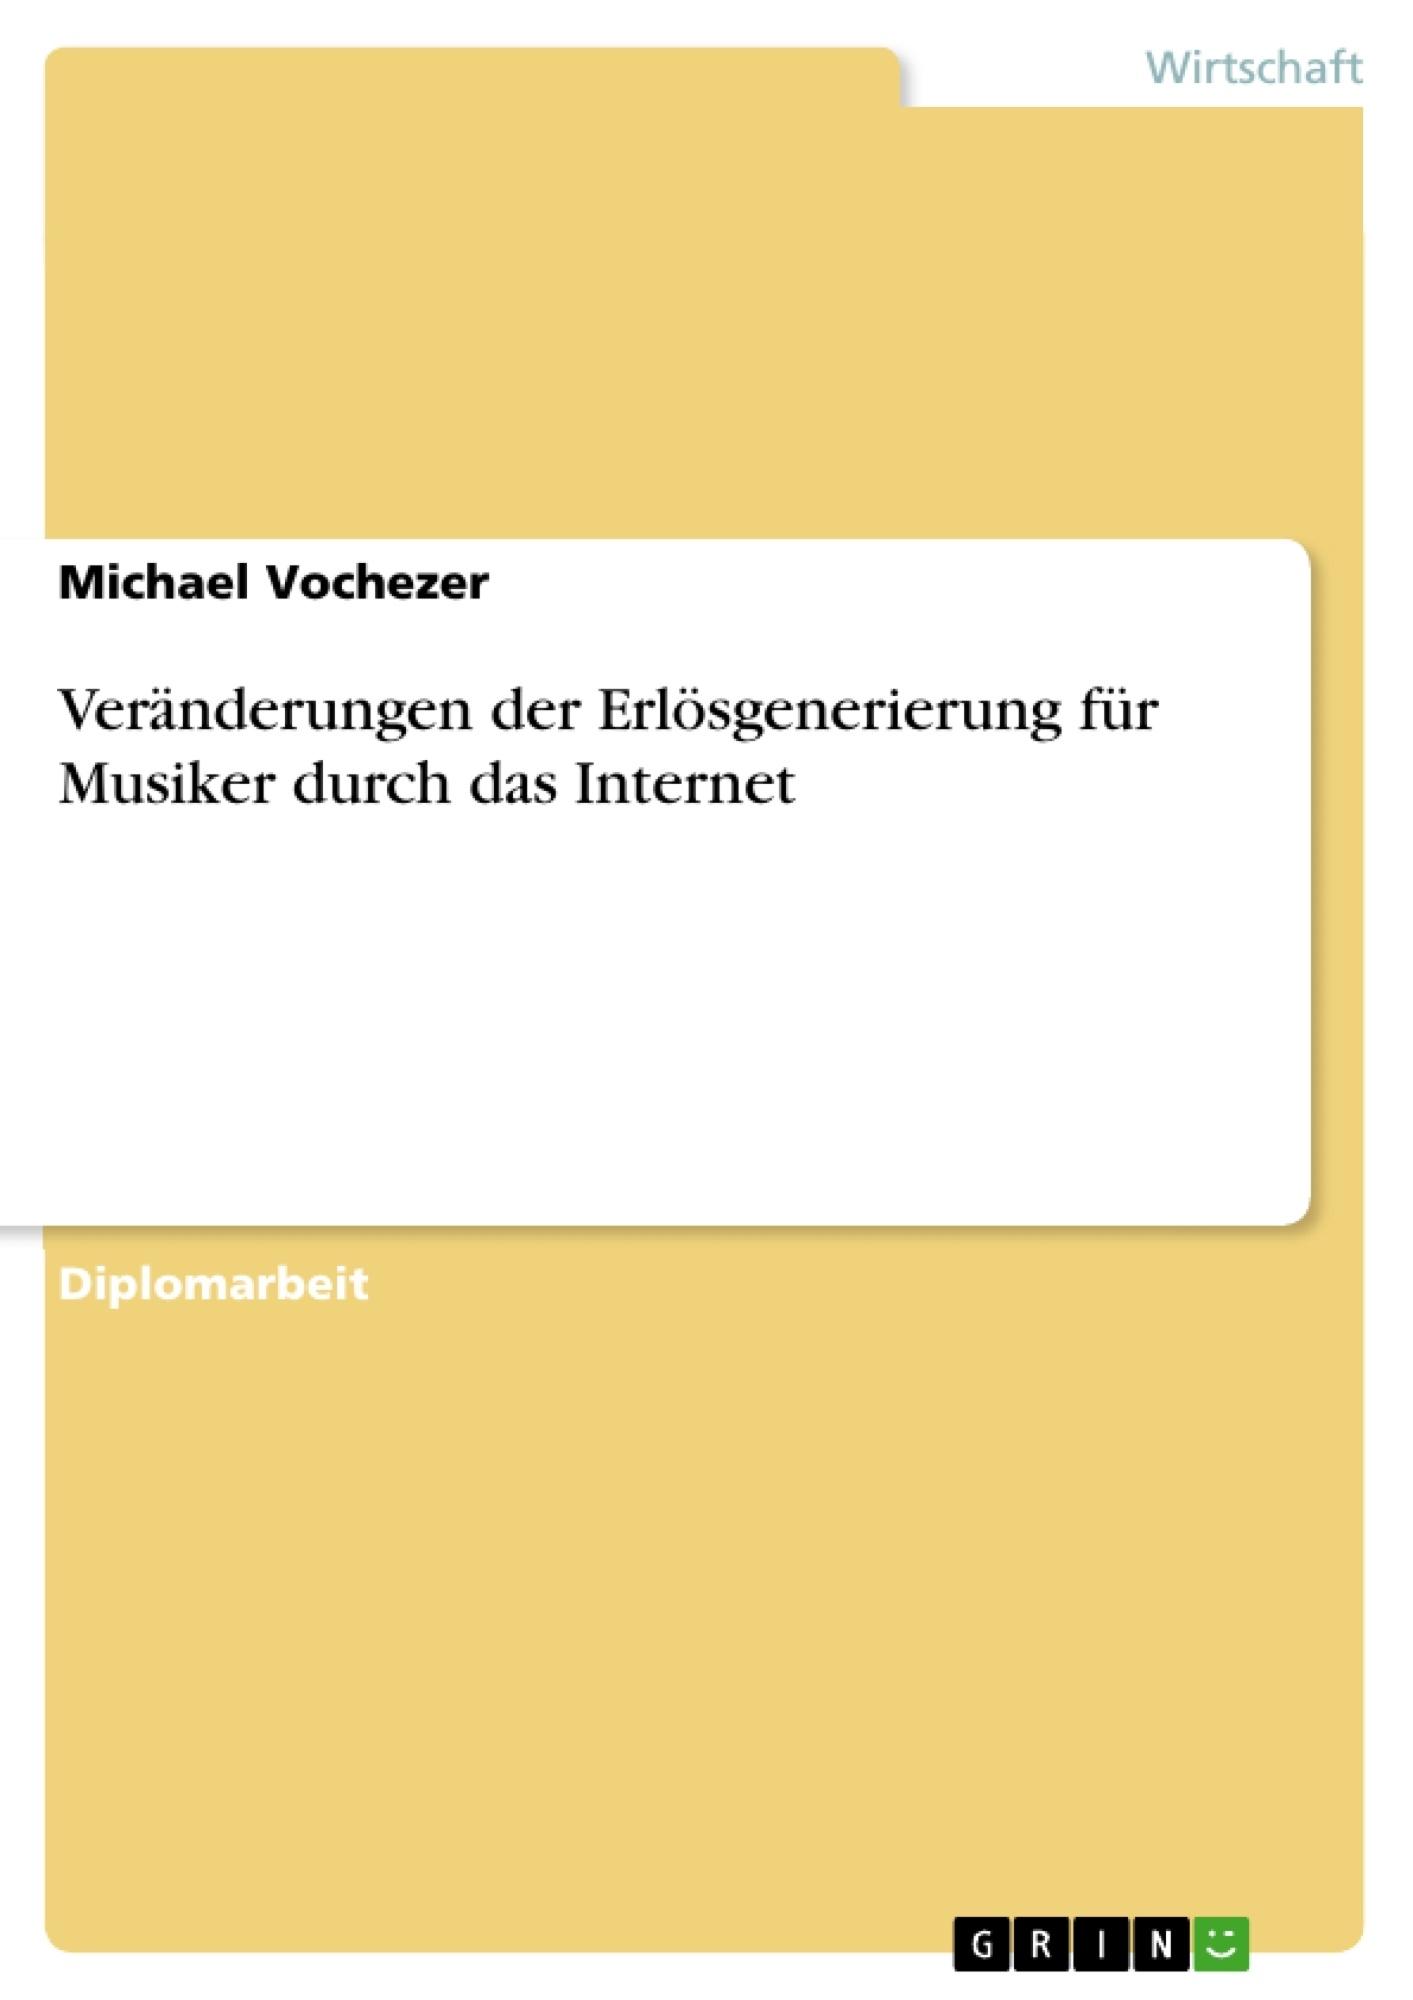 Titel: Veränderungen der Erlösgenerierung für Musiker durch das Internet